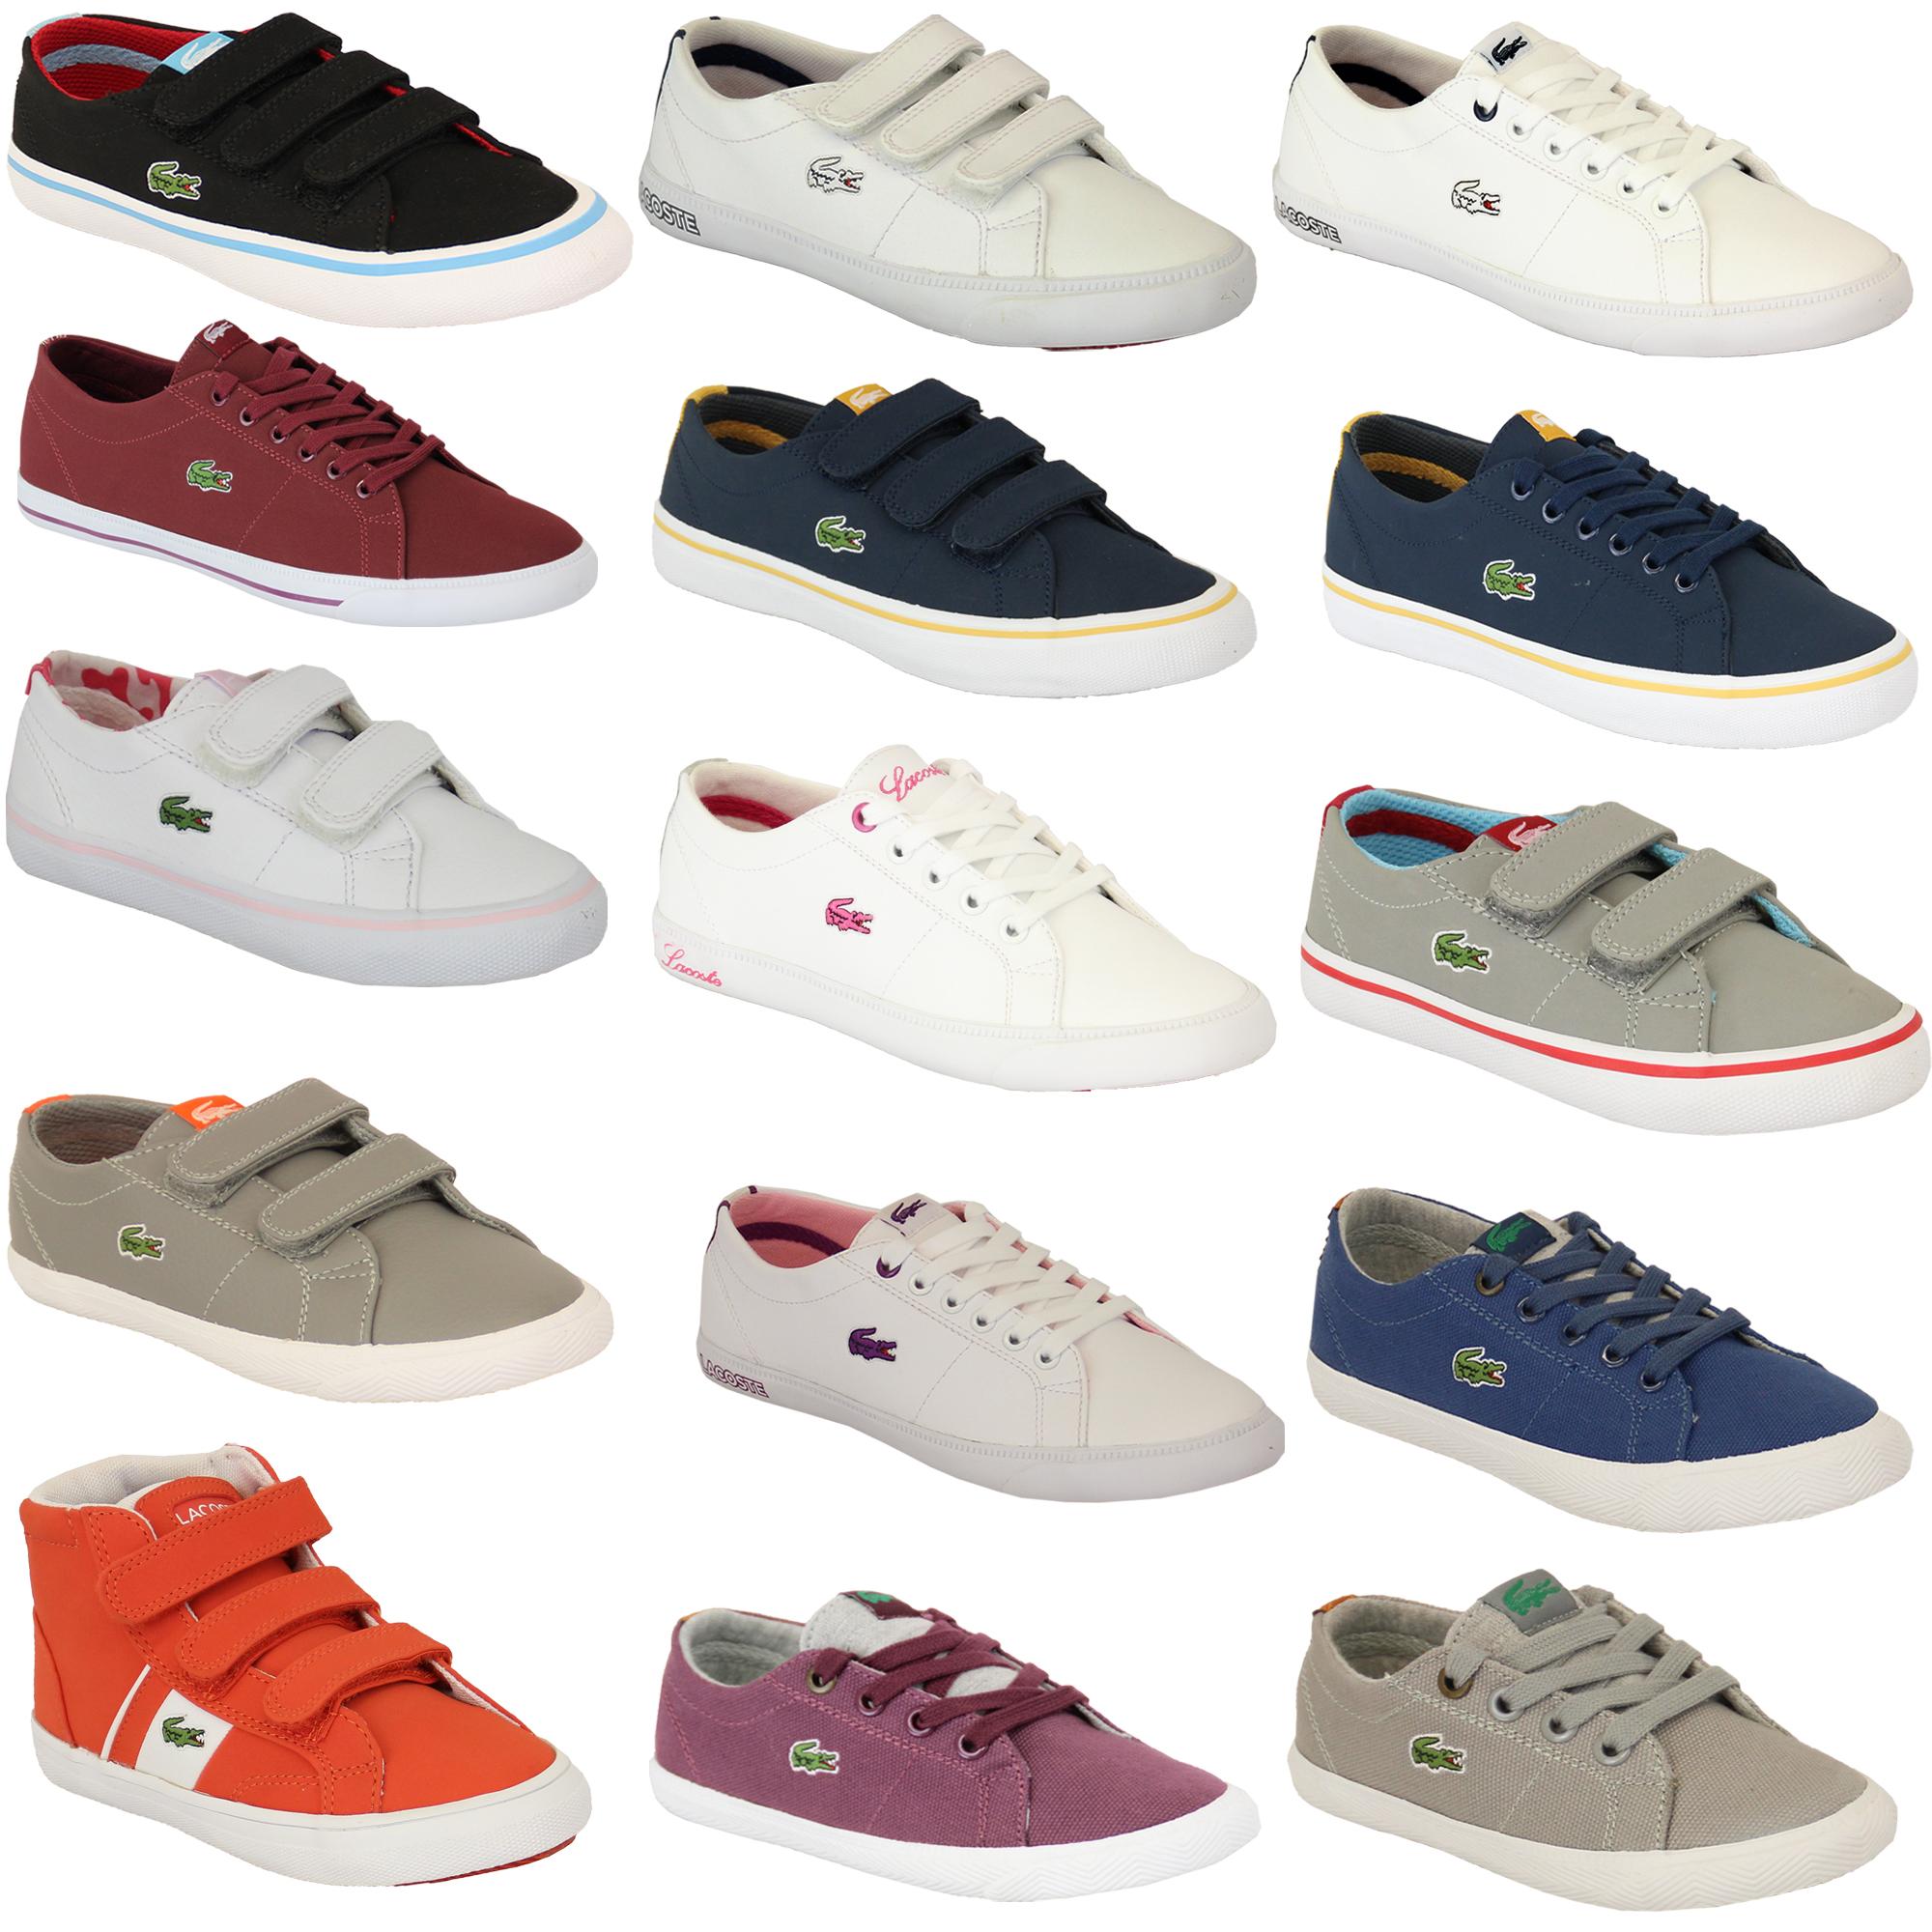 Lacoste Size Kids Shoe